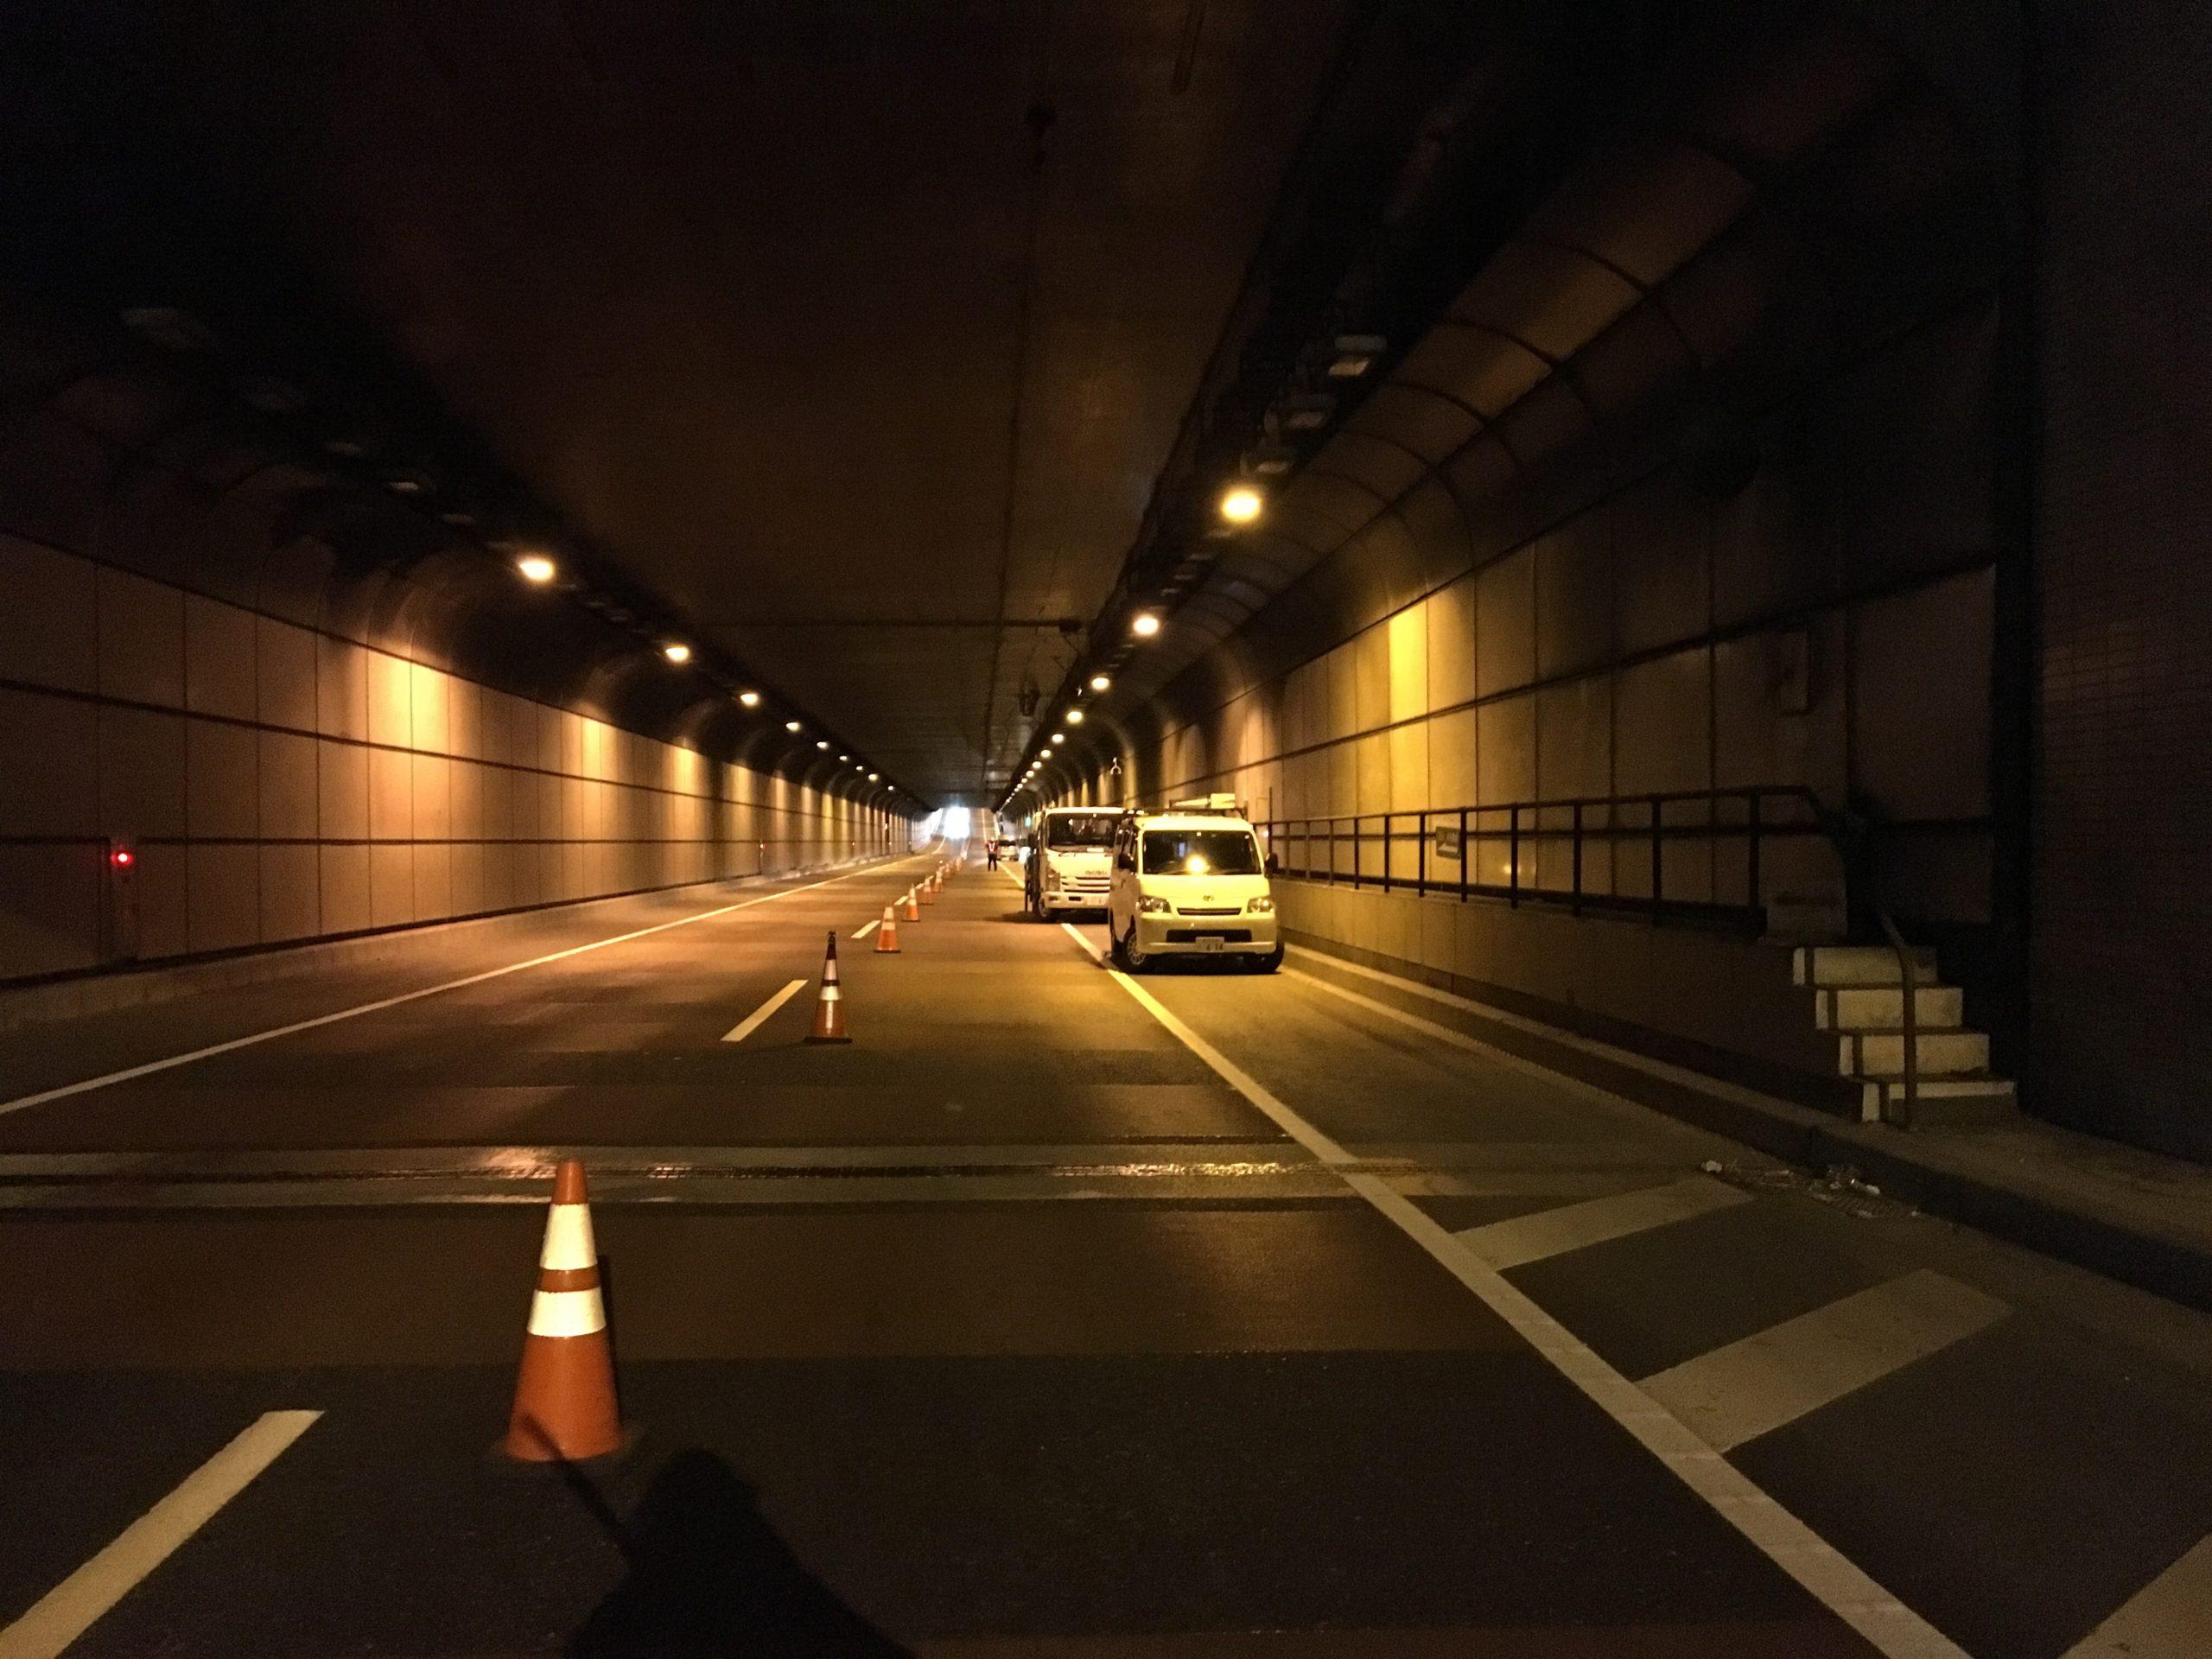 羽田空港滑走路